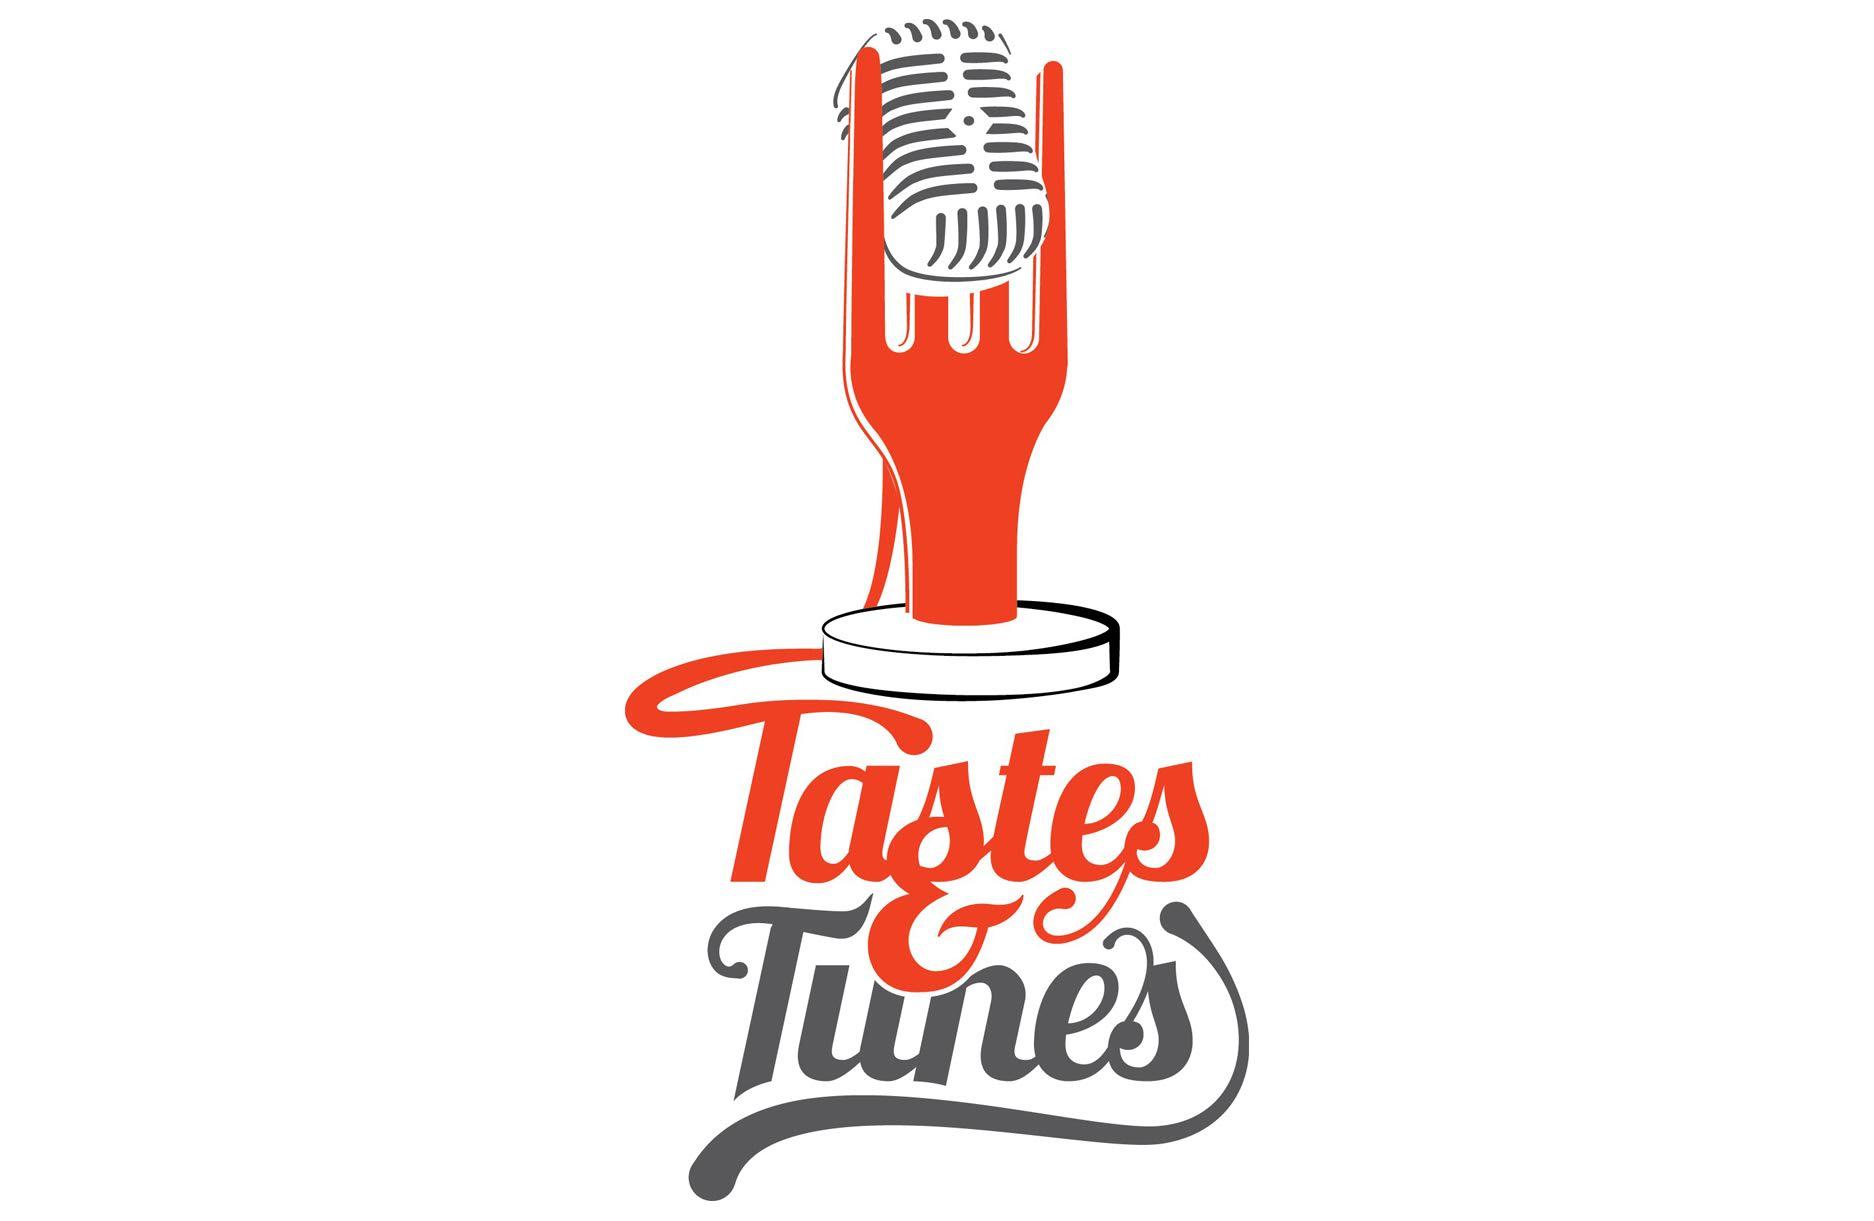 Tastes & Tunes